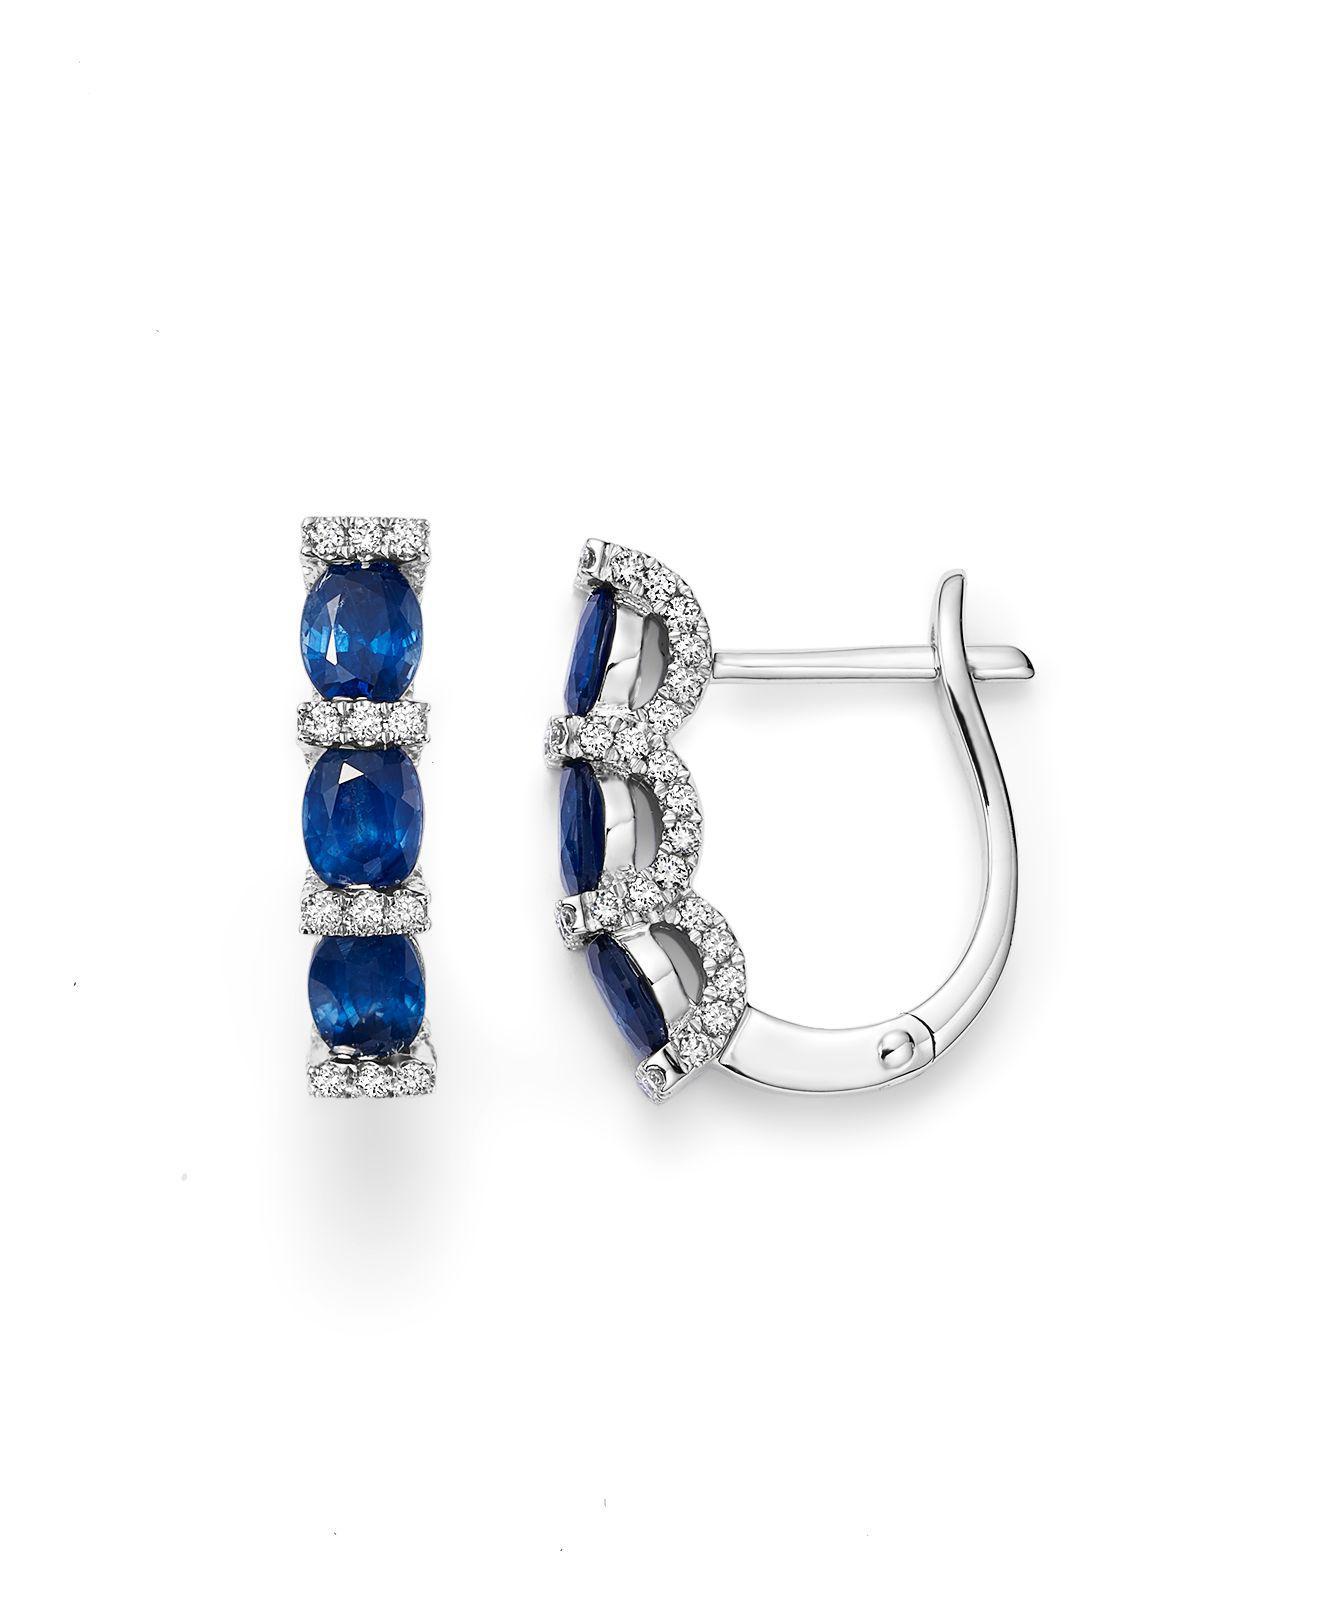 Bloomingdale S Women Shire Oval And Micro Pavé Diamond Huggie Hoop Earrings